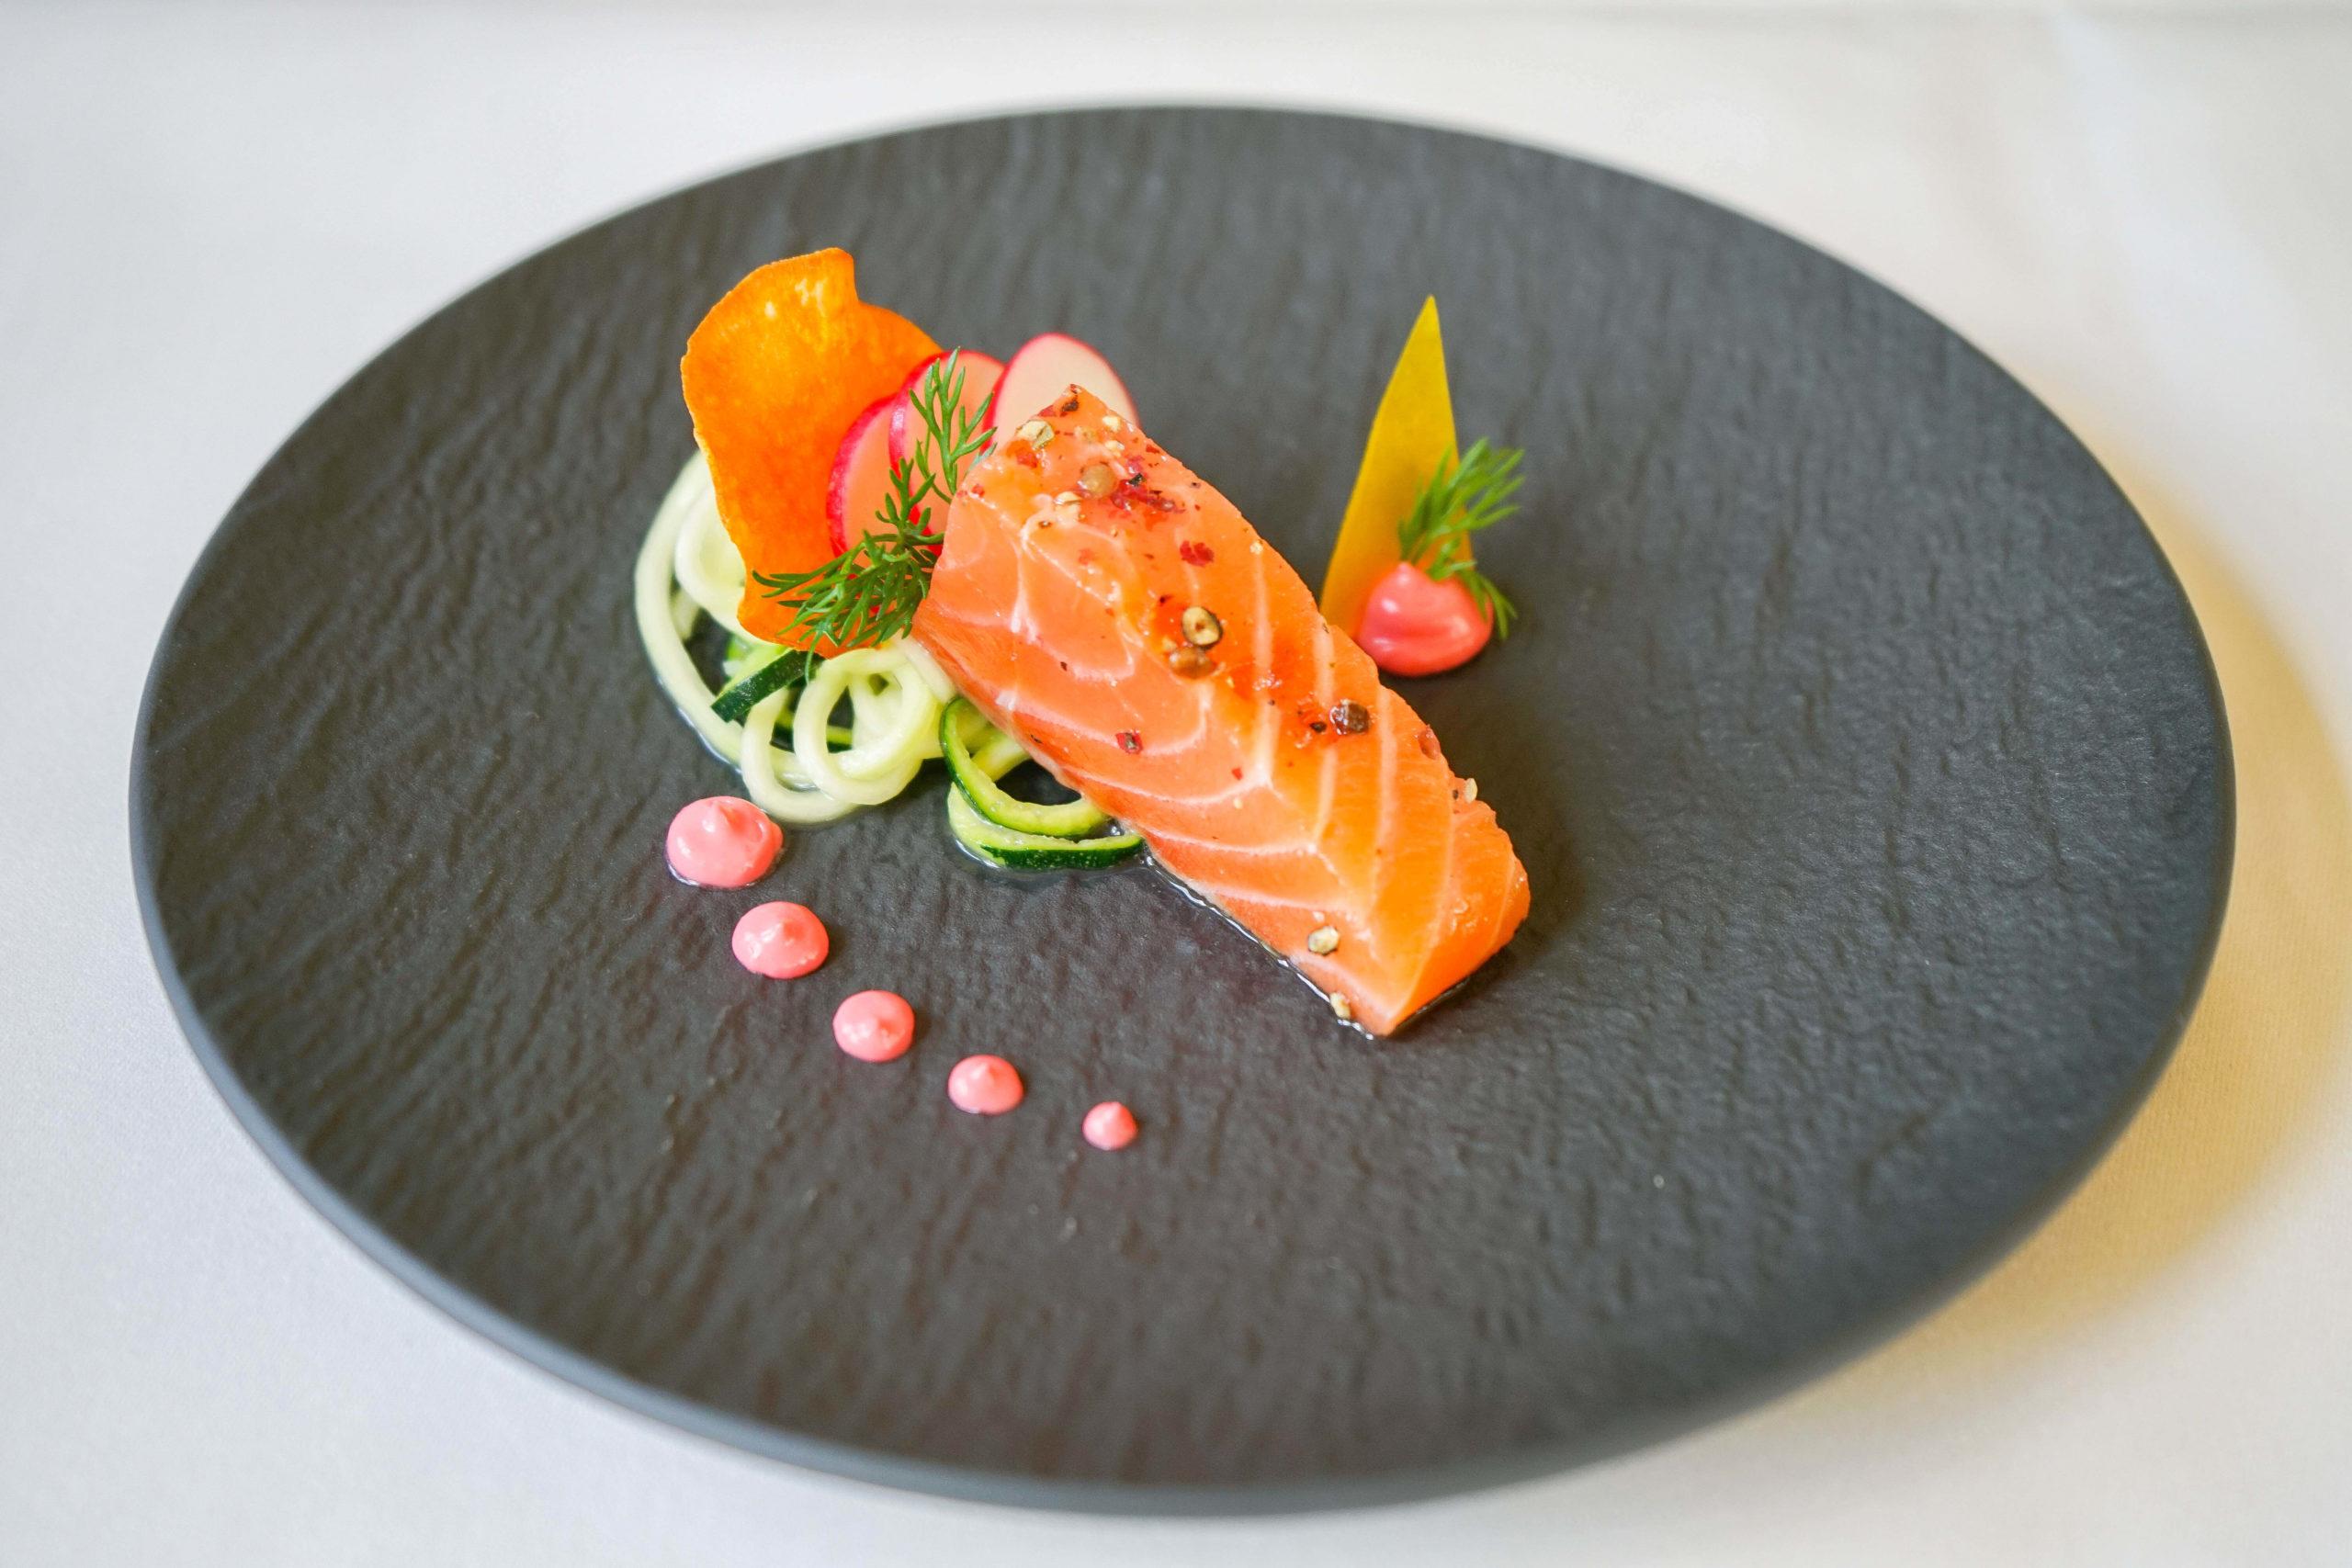 Restaurant Holzapfel - Amuse, Lachs und Salat